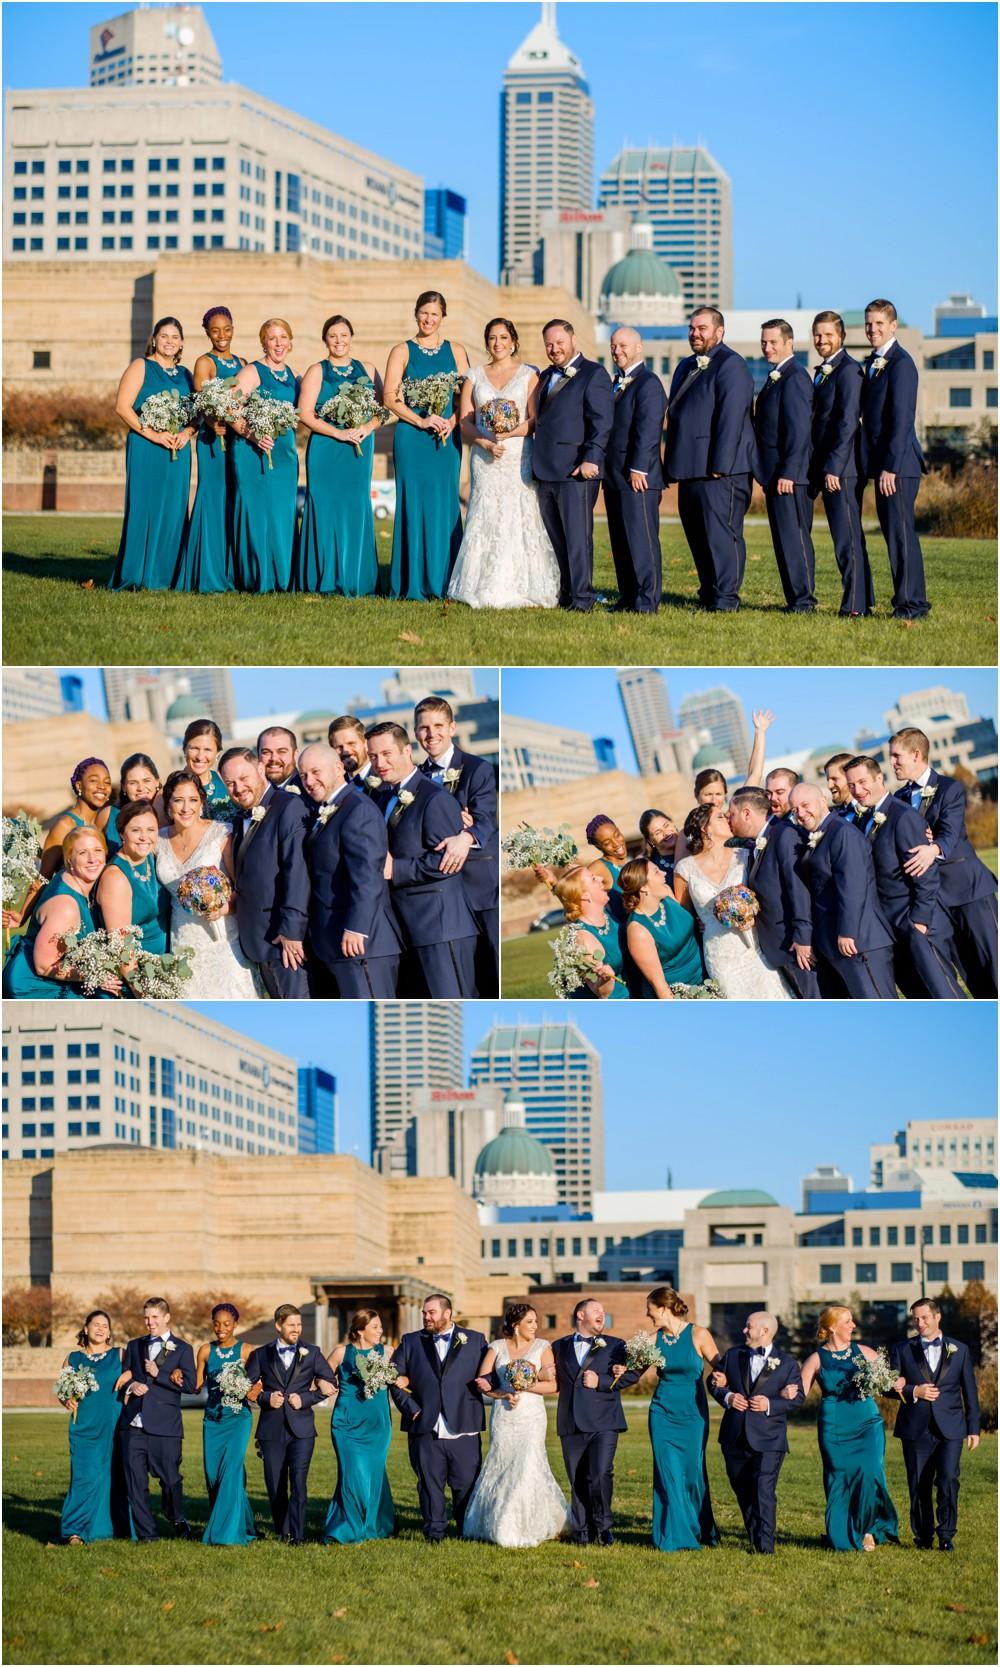 Sahms-Atrium-Wedding-Pictures_0011.jpg